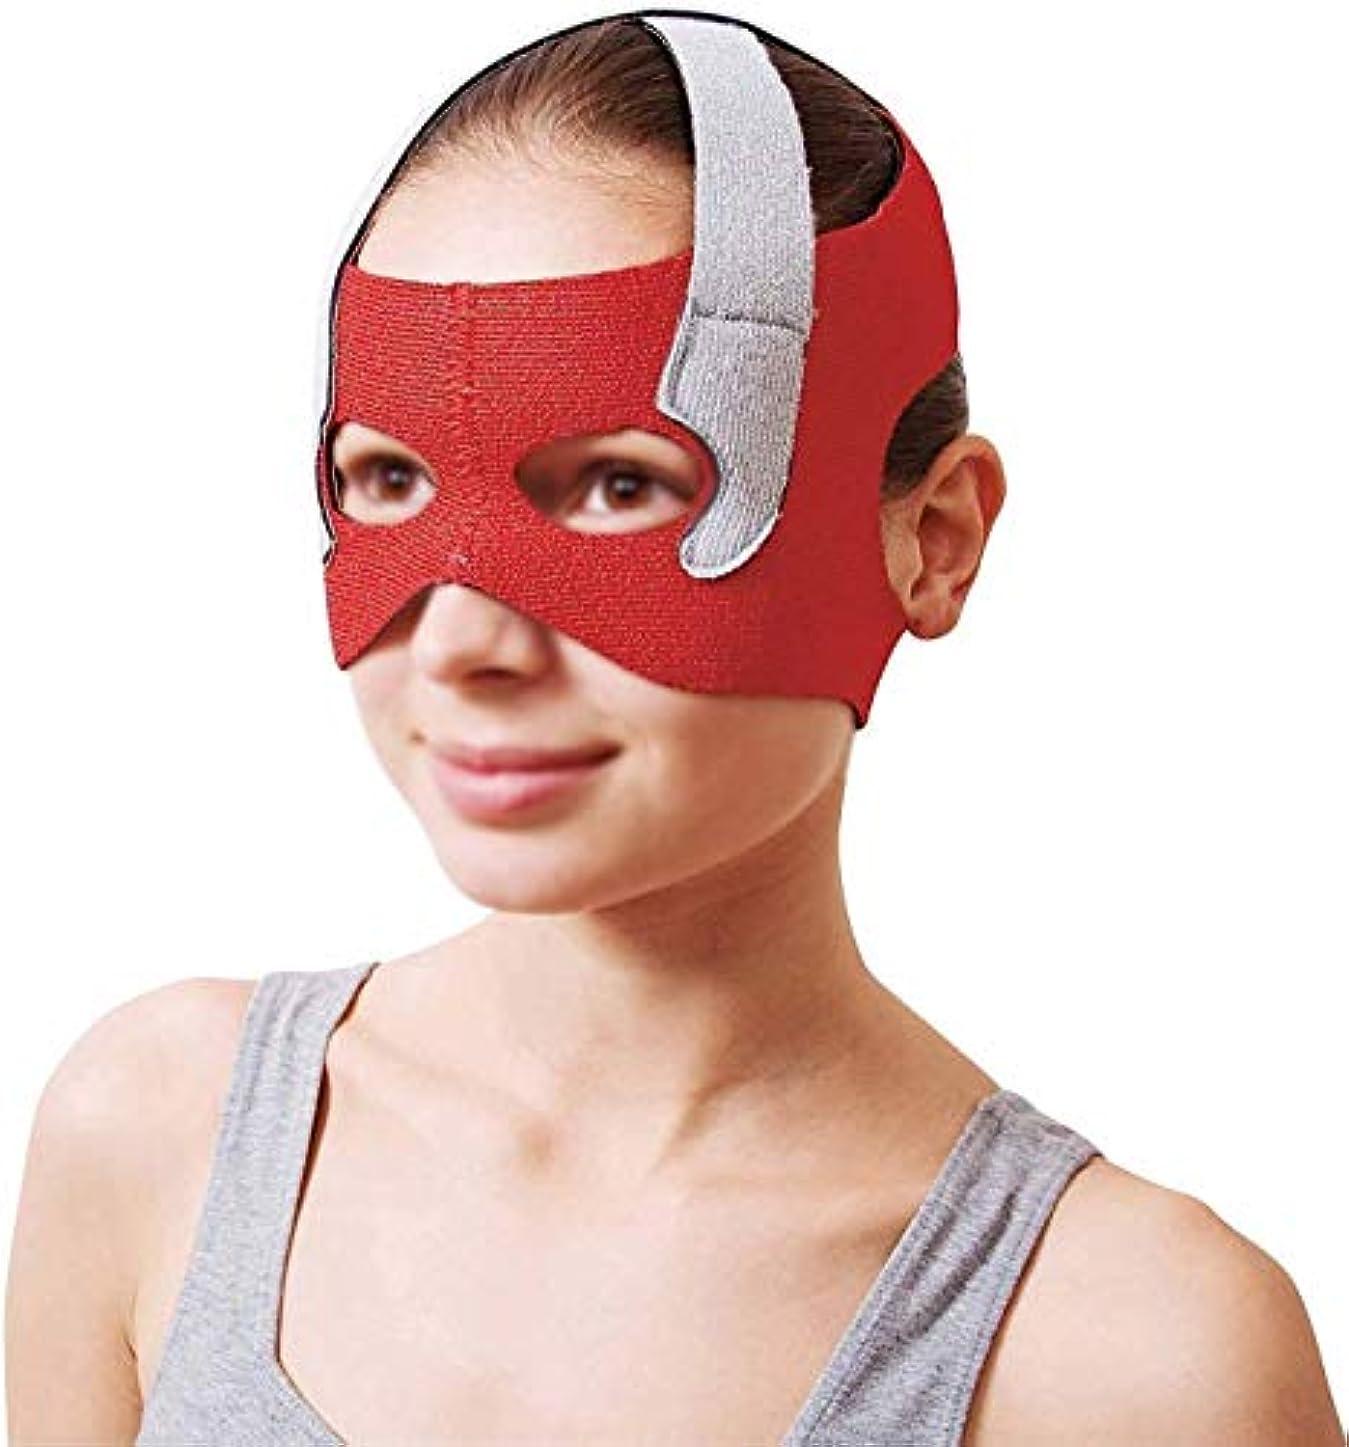 目を覚ます手のひら聖人美容と実用的なフェイスリフトマスク、回復ポスト包帯ヘッドギアフェイスマスク顔薄いフェイスマスクアーティファクト美容ベルト顔と首リフト顔周囲57-68 cm